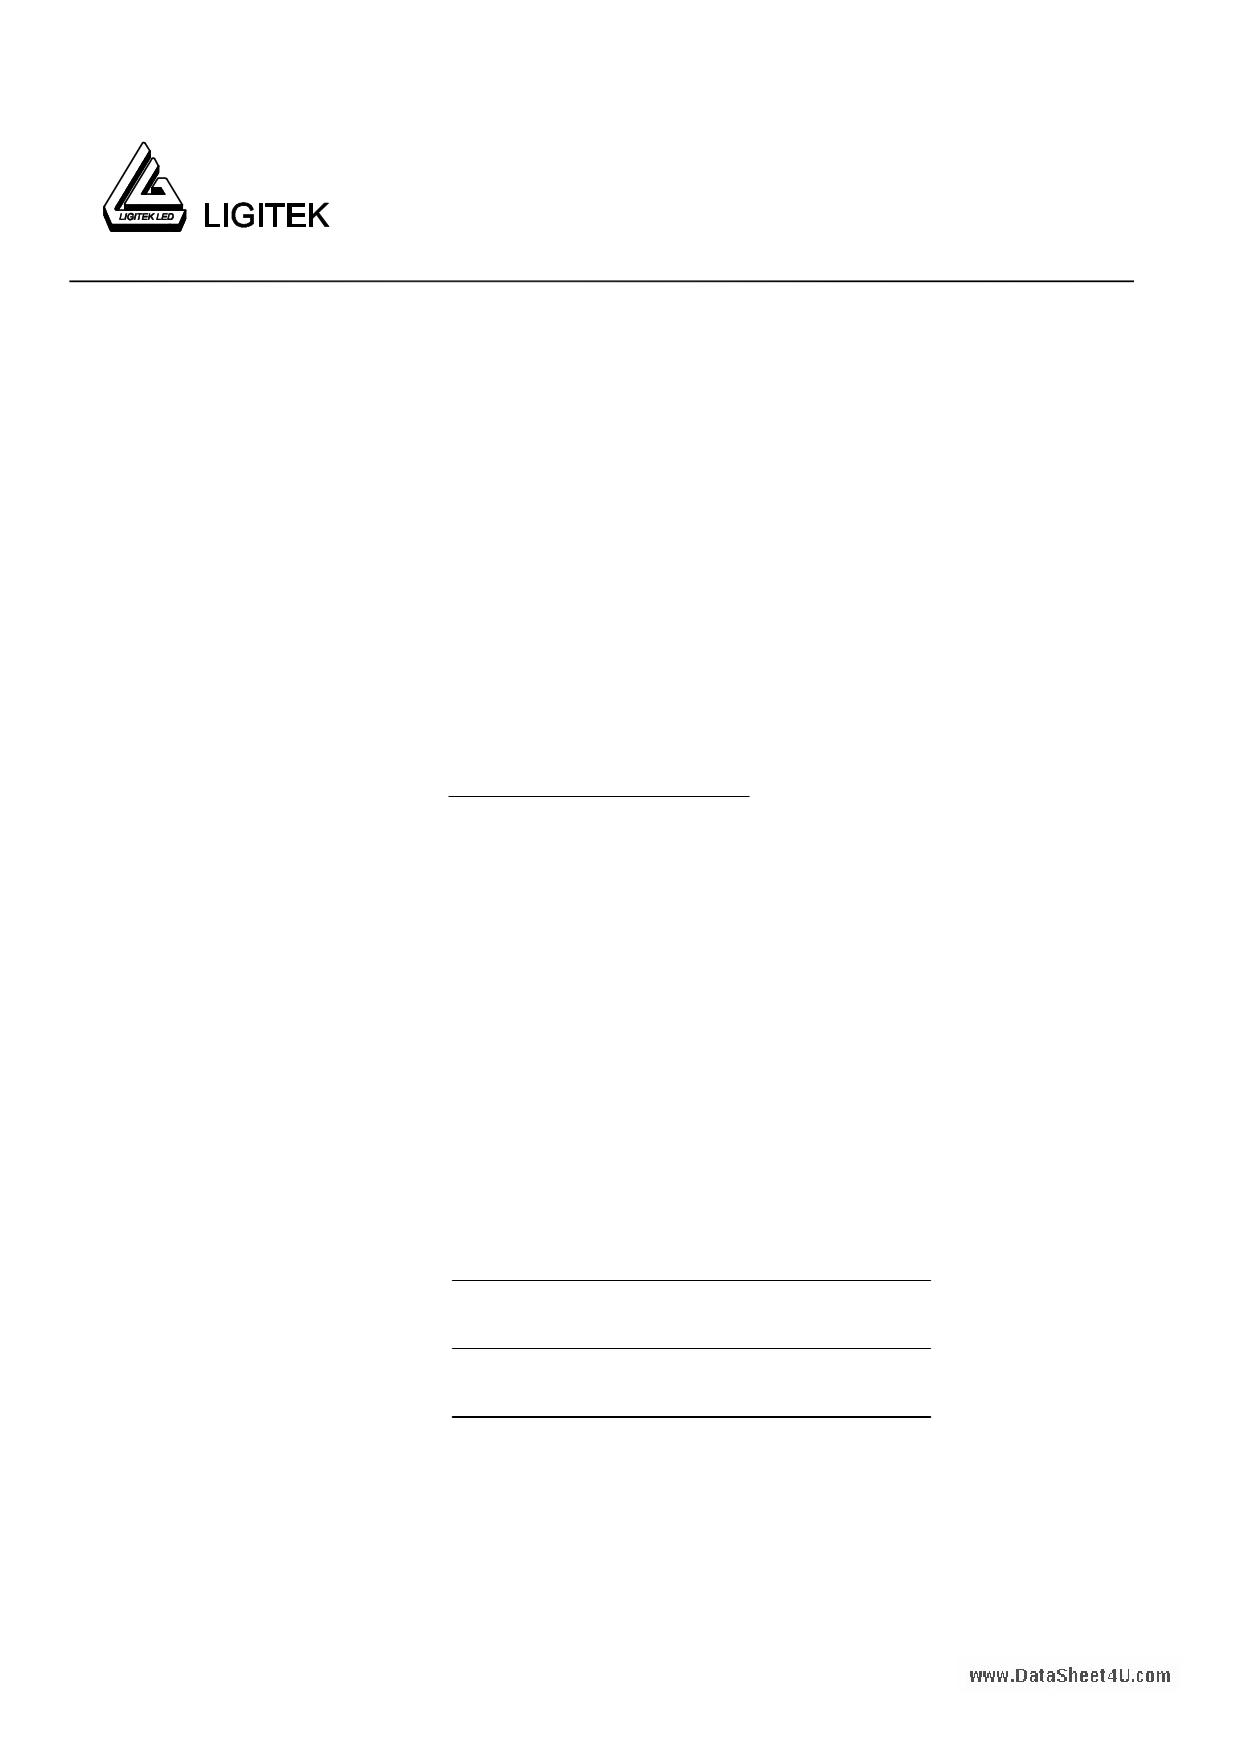 L-00501VY-S Hoja de datos, Descripción, Manual